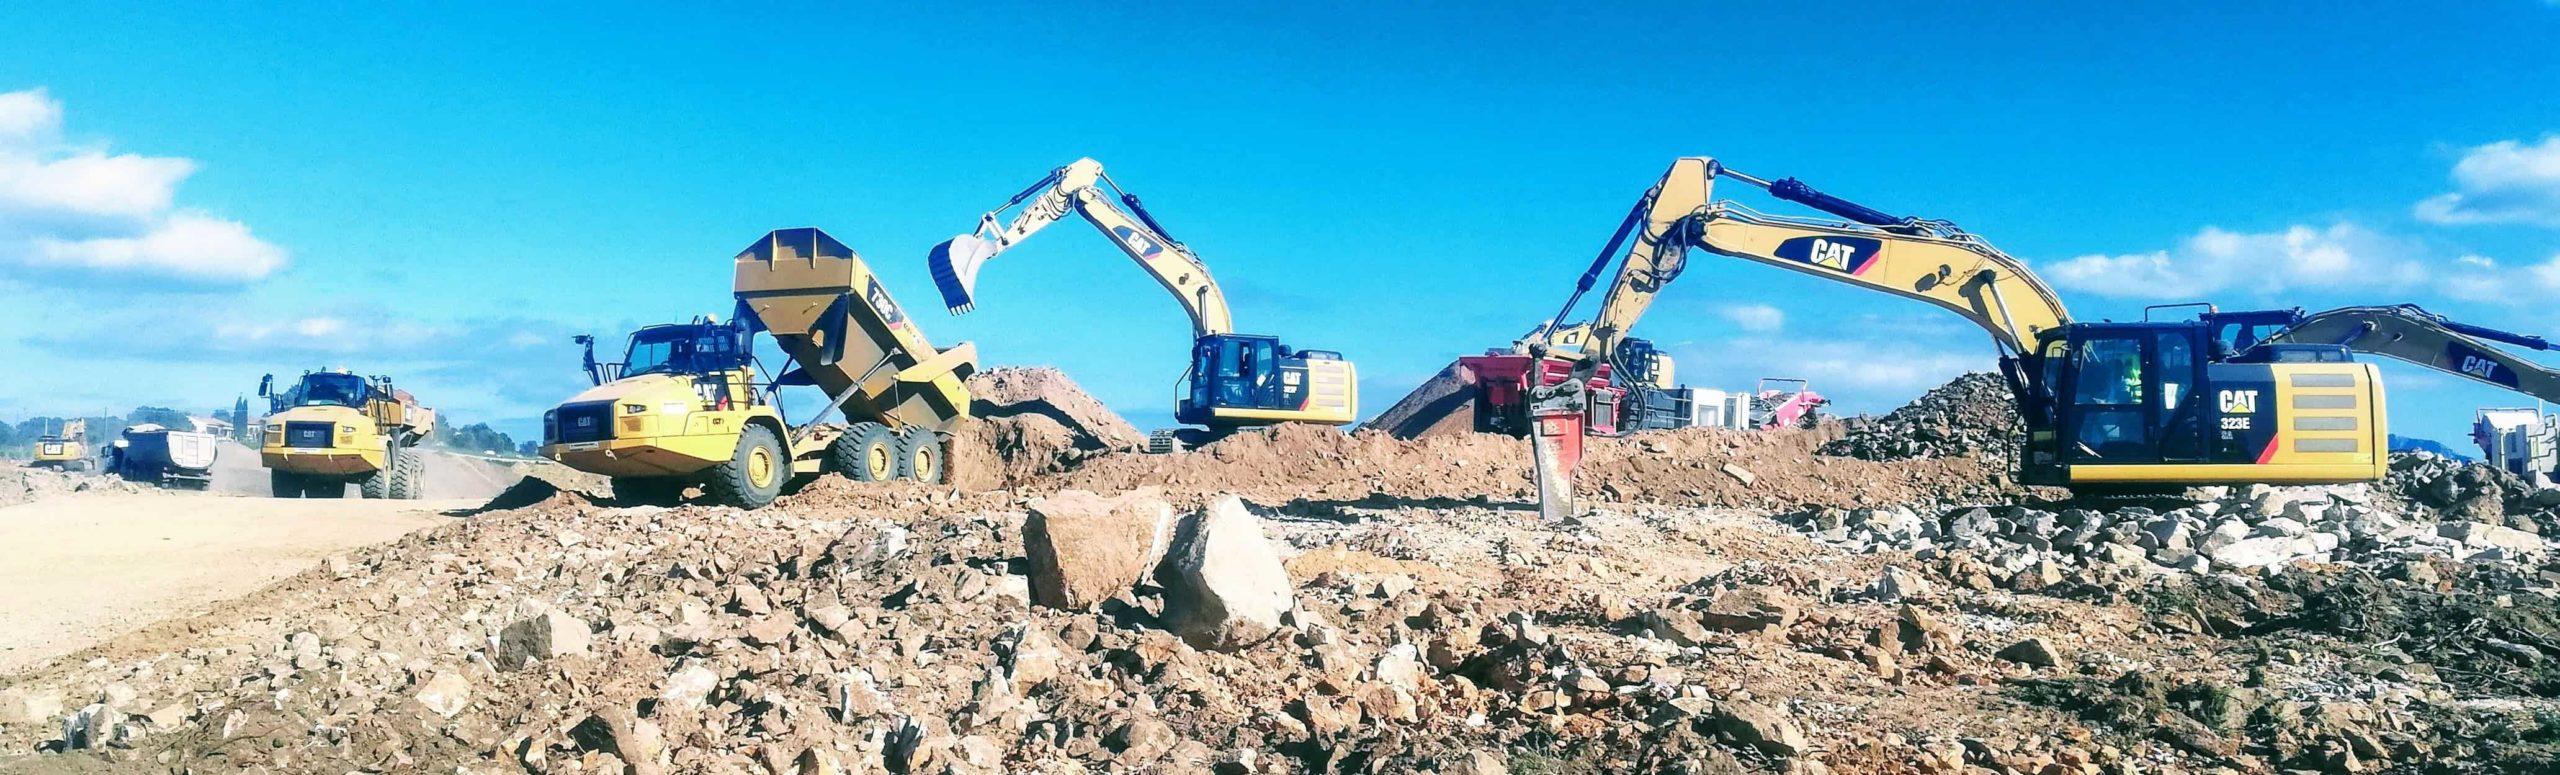 Movistrade_movimento_terra_escavatore_dumper_caterpillar_Sardegna